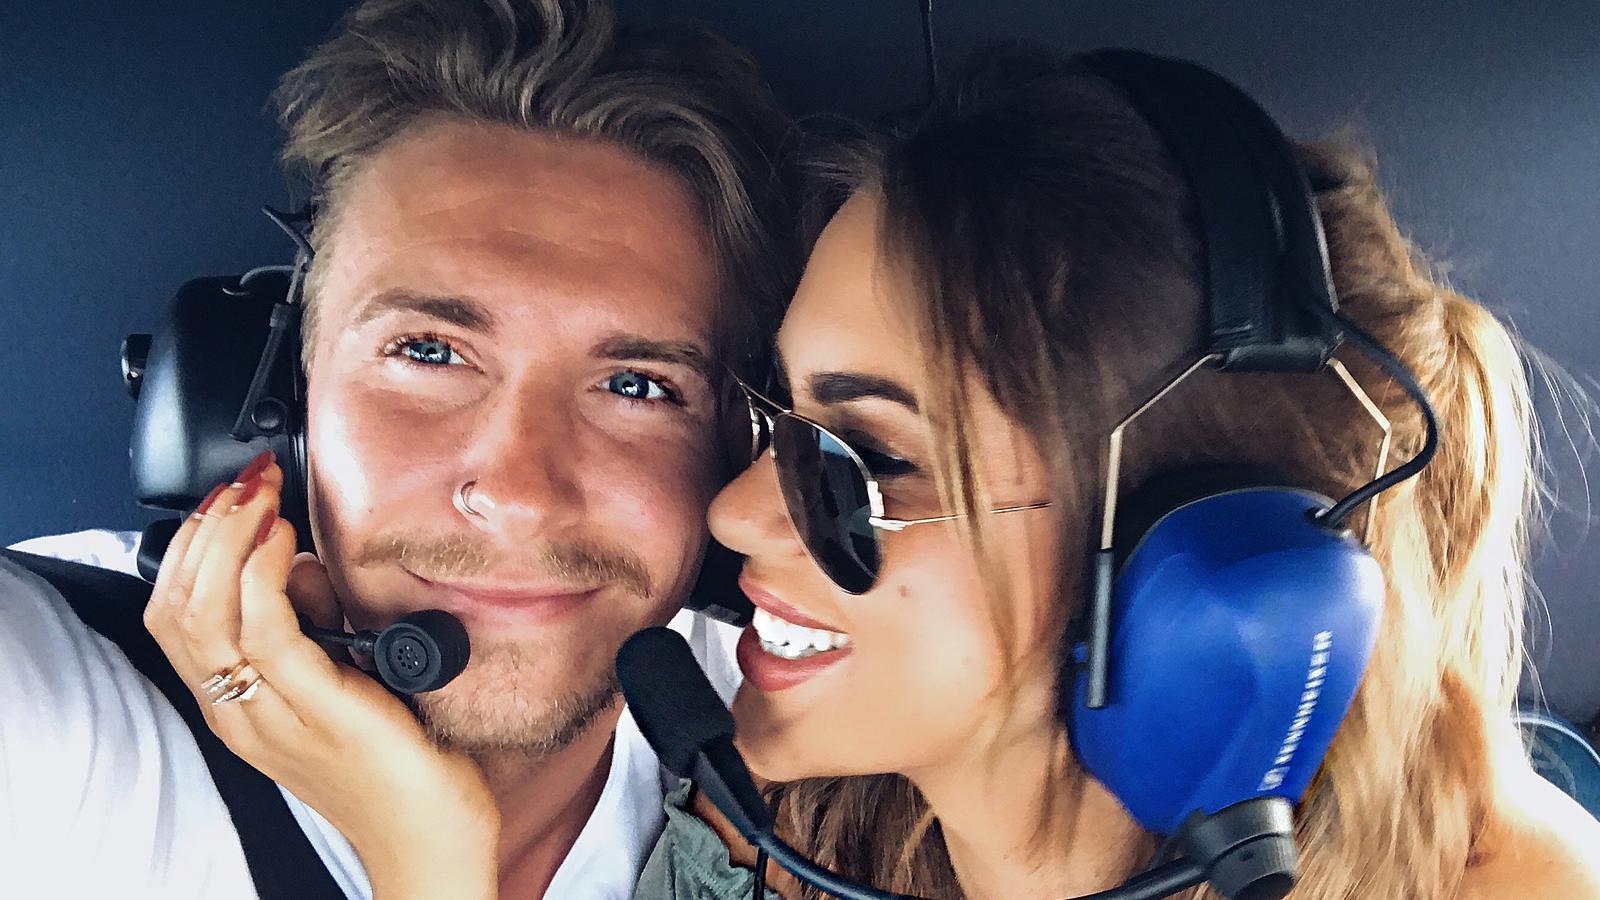 David und Jessica genießen ihren Helikopter Flug und kommen sich immer näher